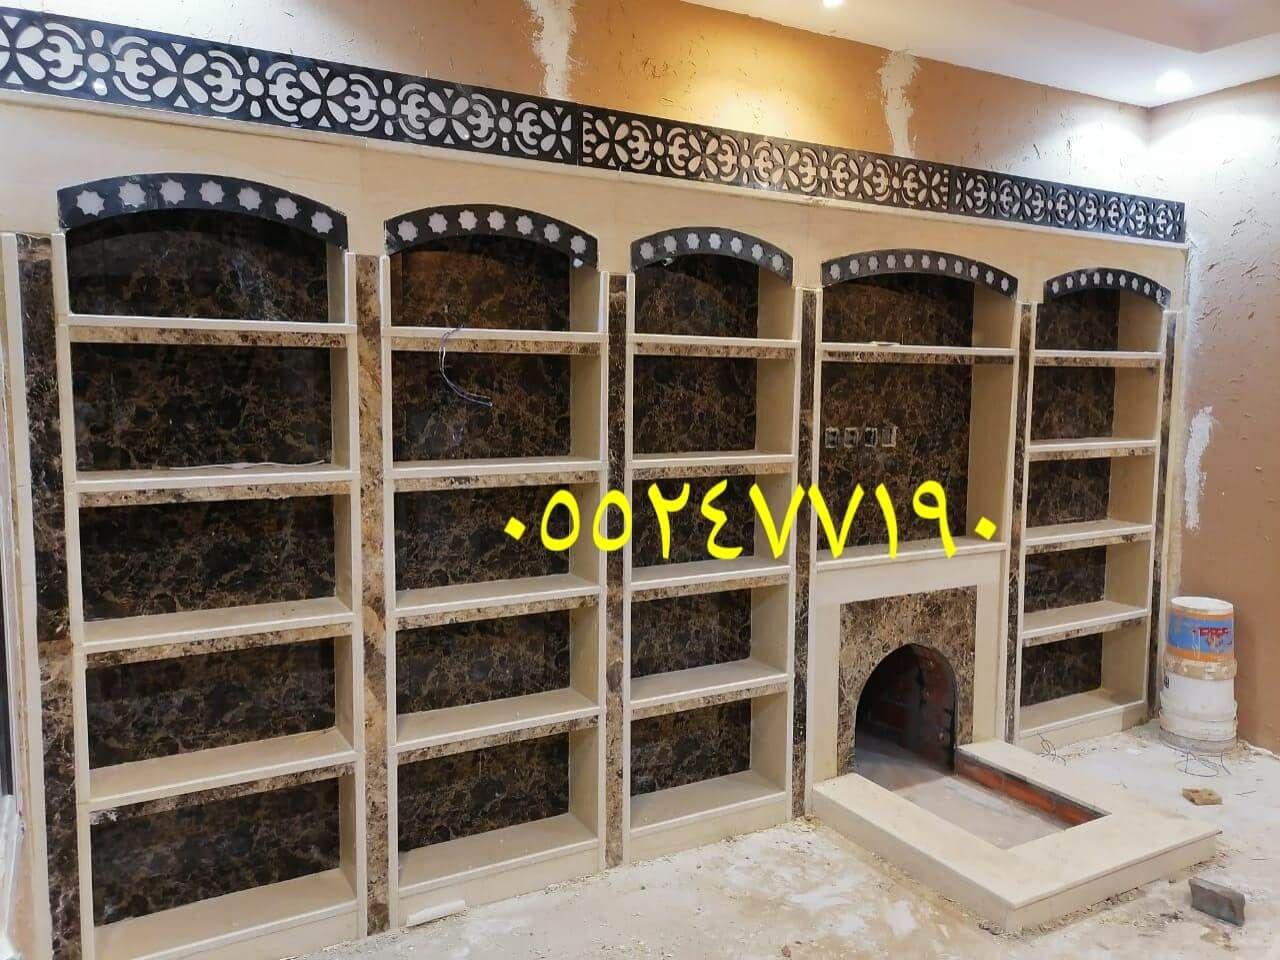 وجار خشب الكويت وجار خشب للبيع وجار خشبي تفصيل وجار خشب وجار مشب وجار خشب تصميم وجار خشب وجار د Outdoor Decor Decor Home Decor